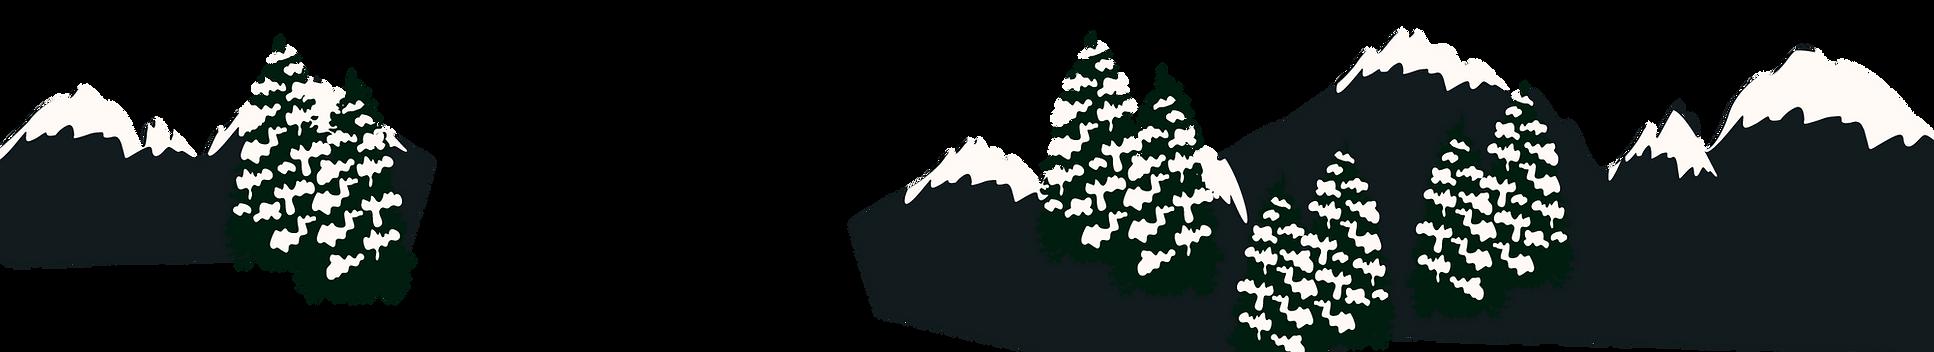 Santas Chimney Home-16.png